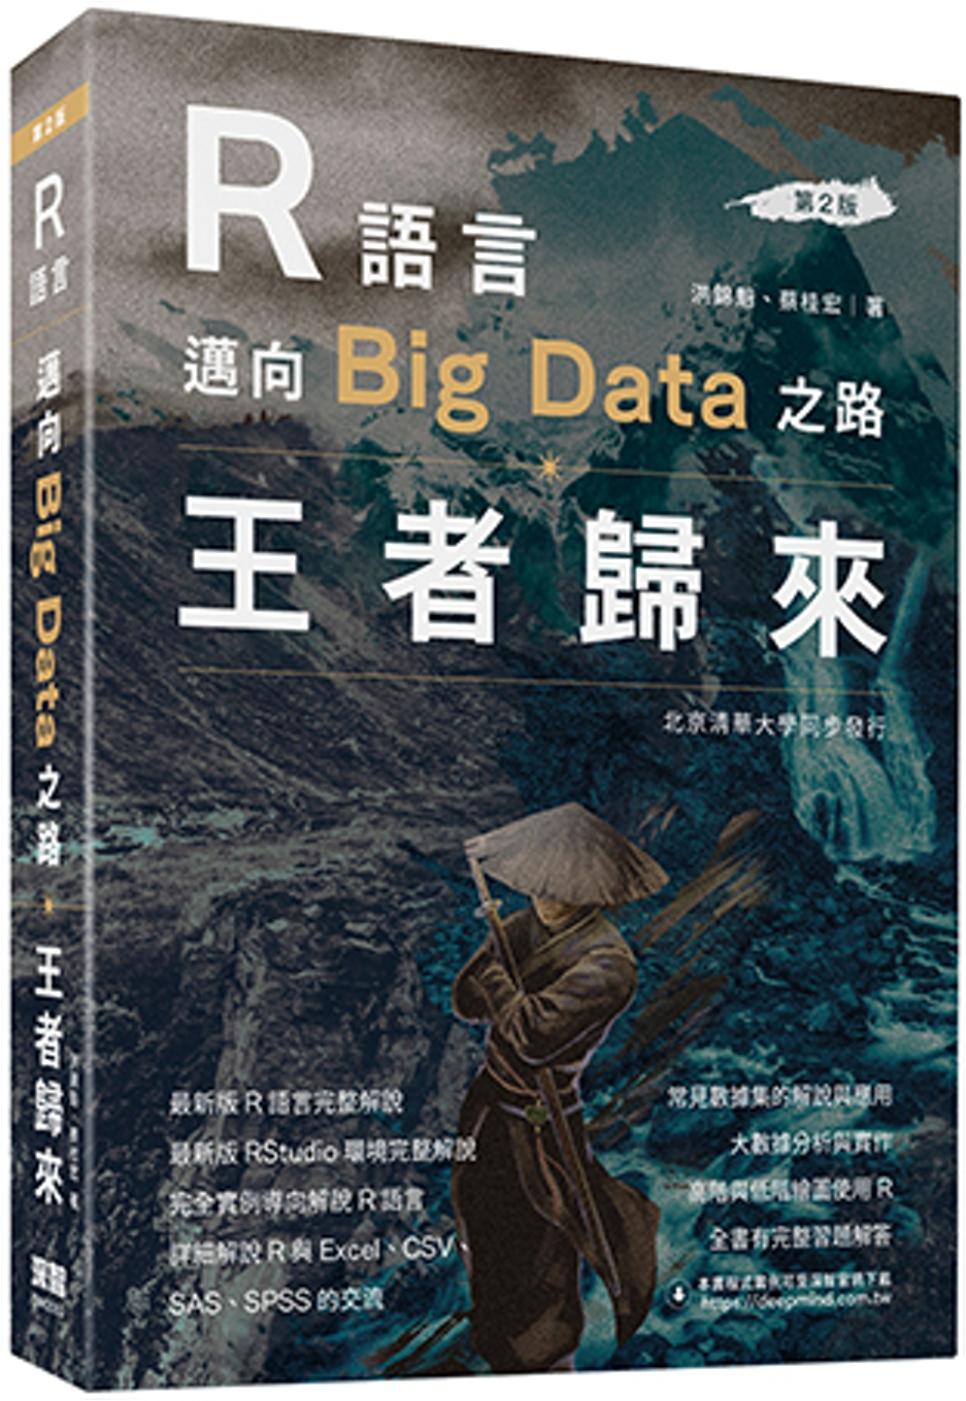 R語言邁向Big Data之路...